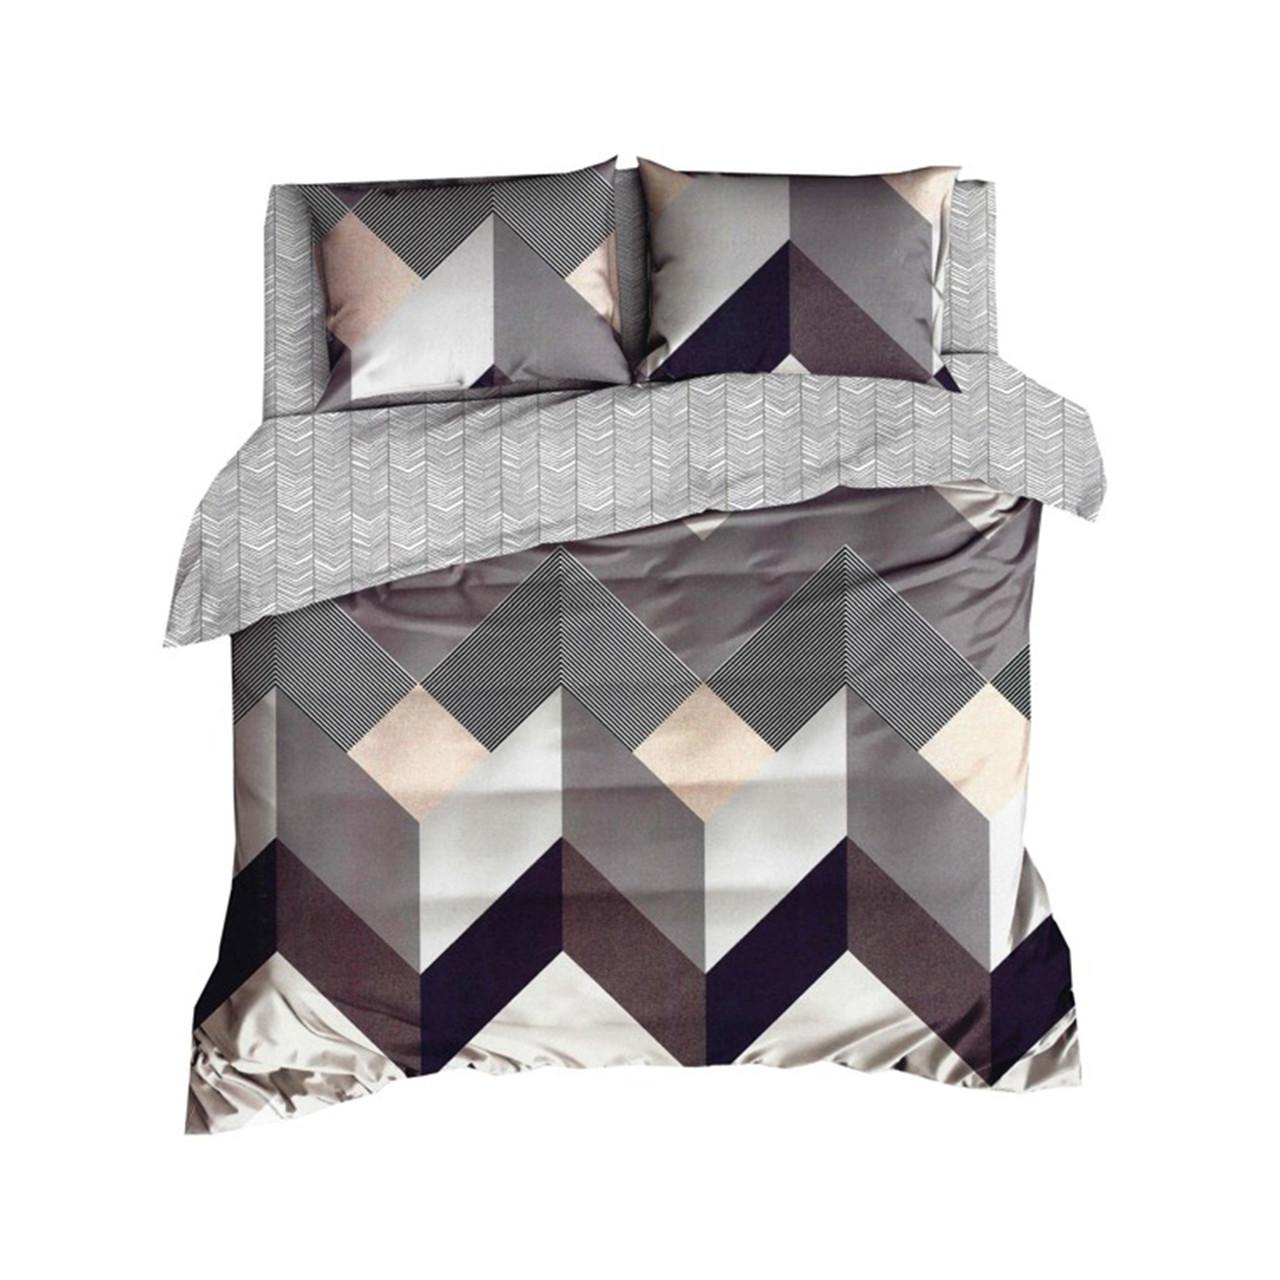 Комплект постельного белья Микроволокно HXDD-449 С геометричным узором M&M 4481